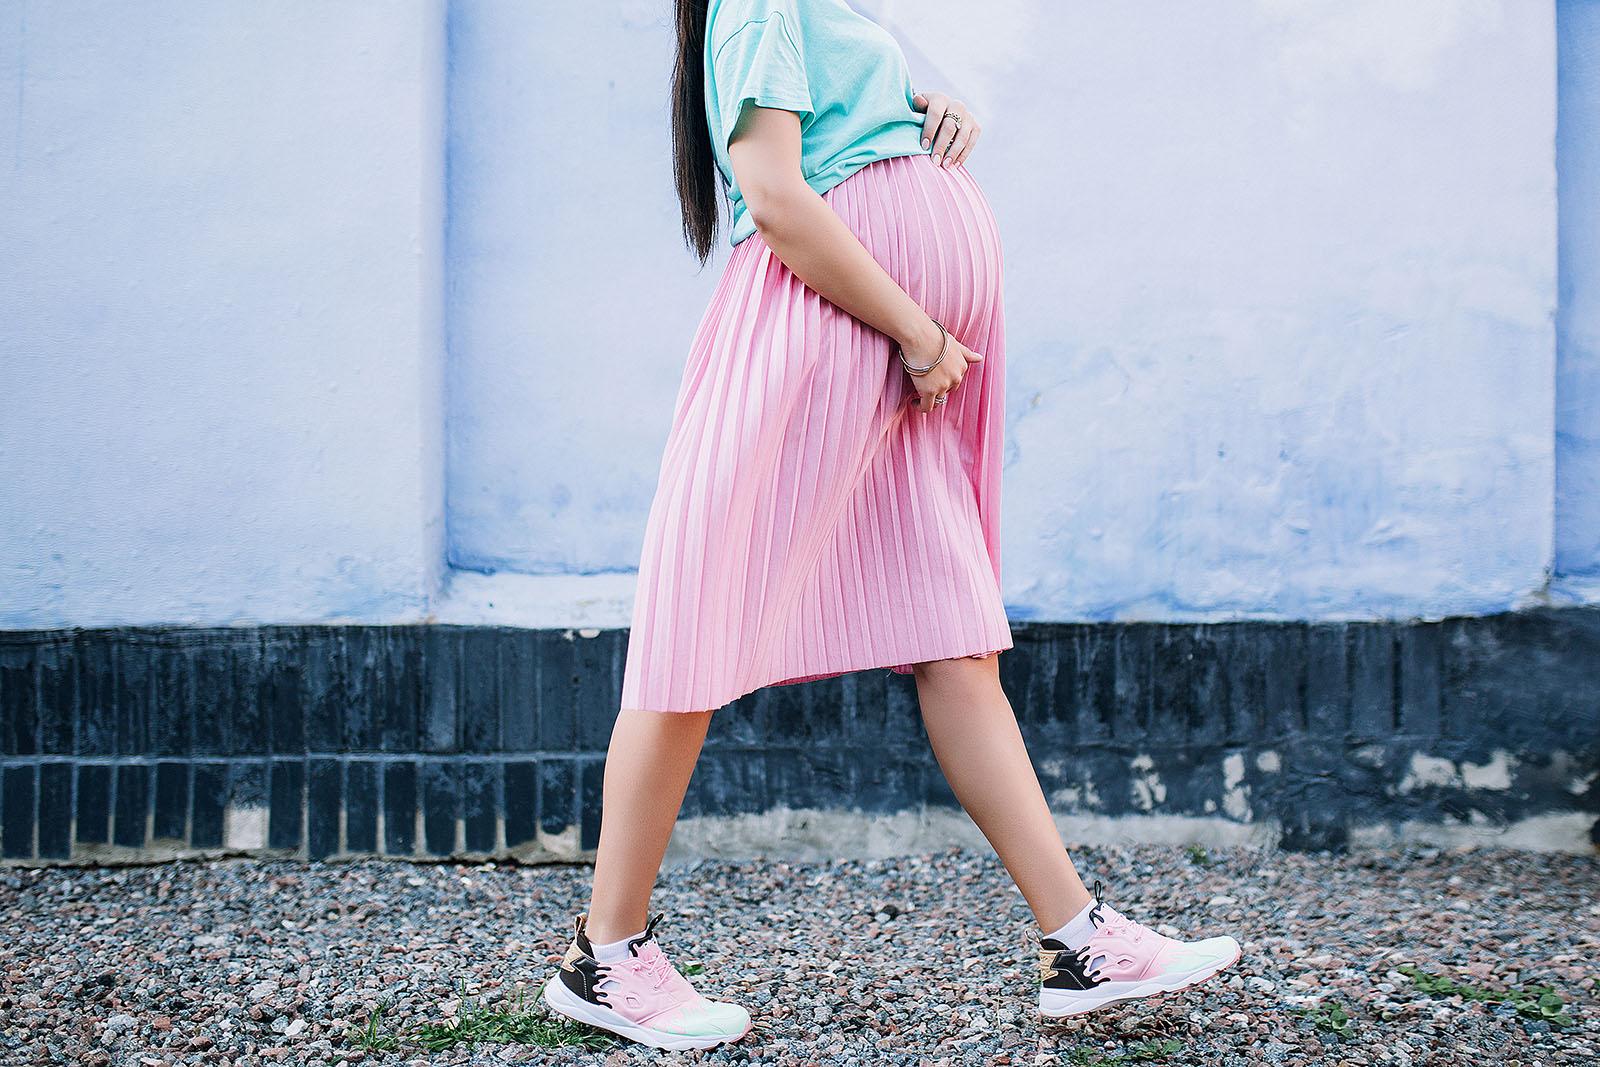 pregnant-woman-walking-profile